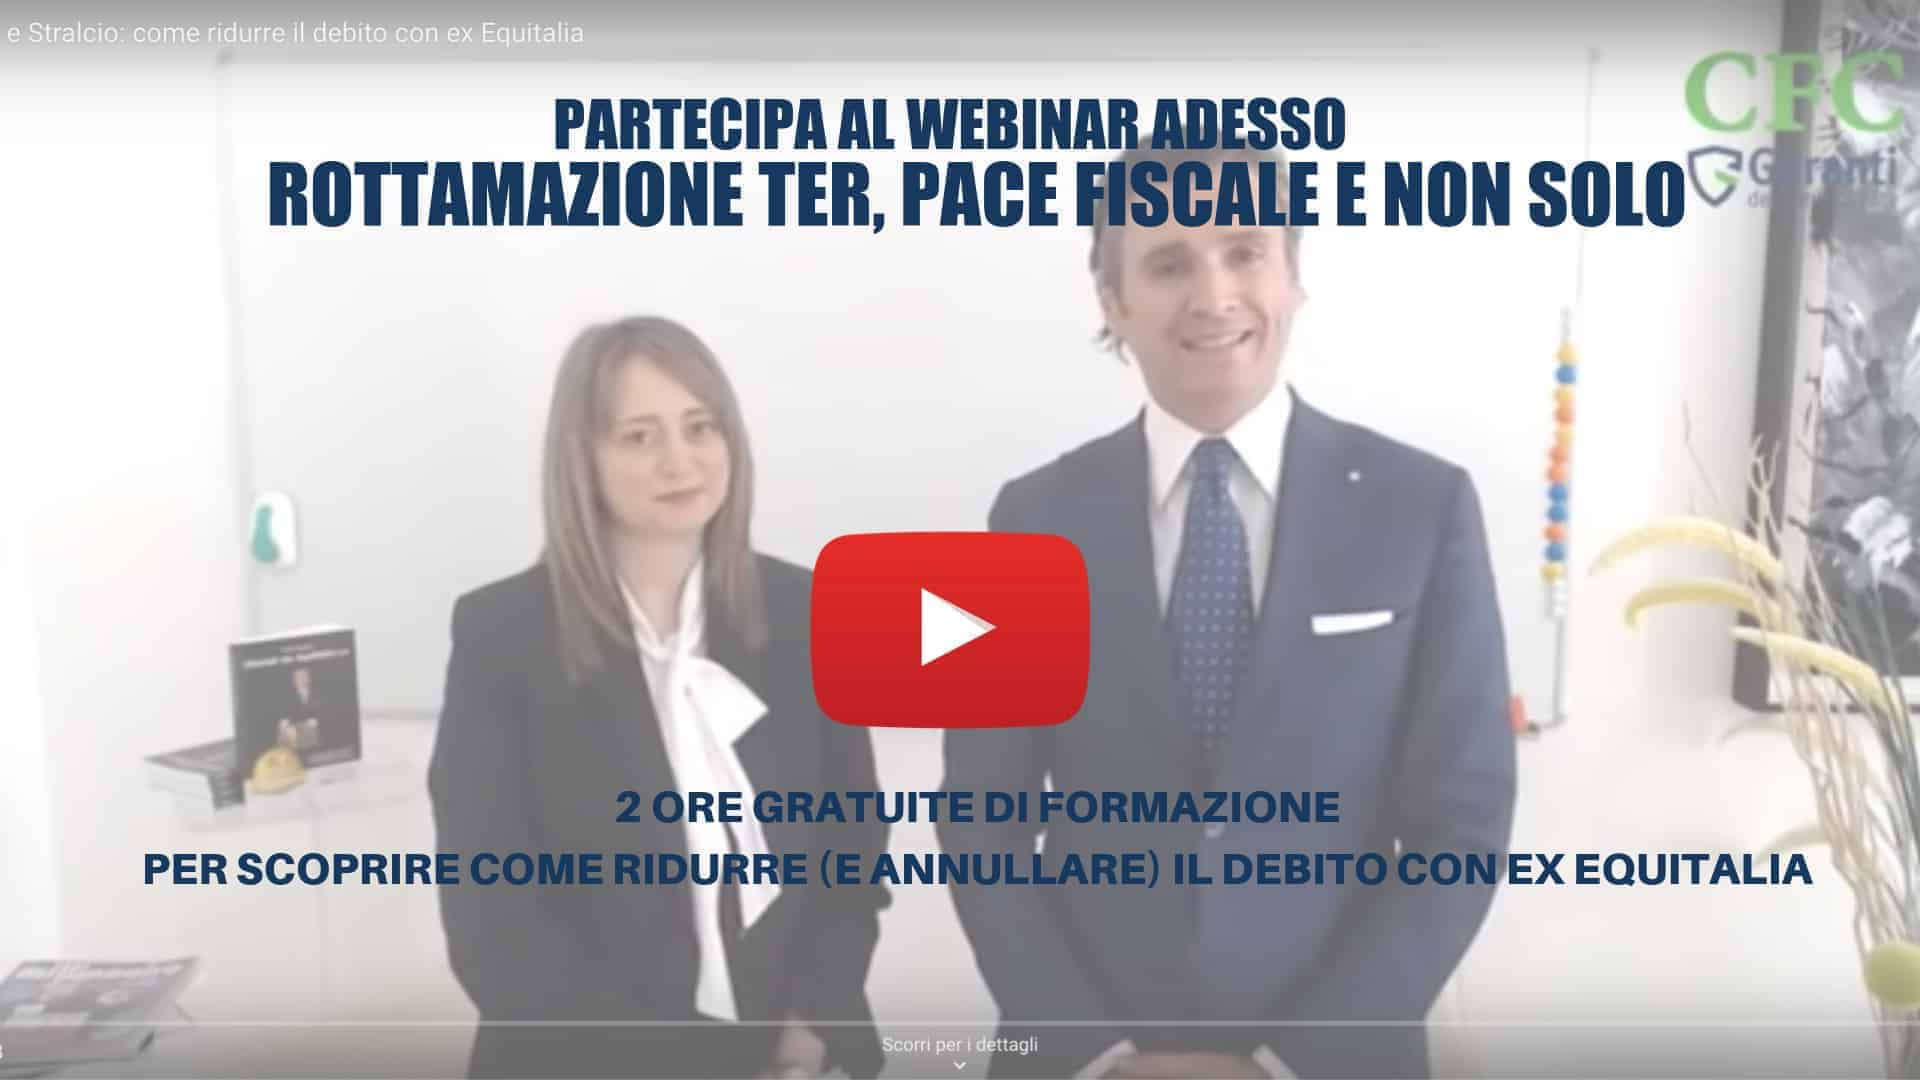 Carlo Carmine, CFC Garanti del Contribuente, Economy, Carlo Carmine, Agenzia Entrate, ex Equitalia, Agenzia Entrate Riscossione, cartelle entrate riscossione -